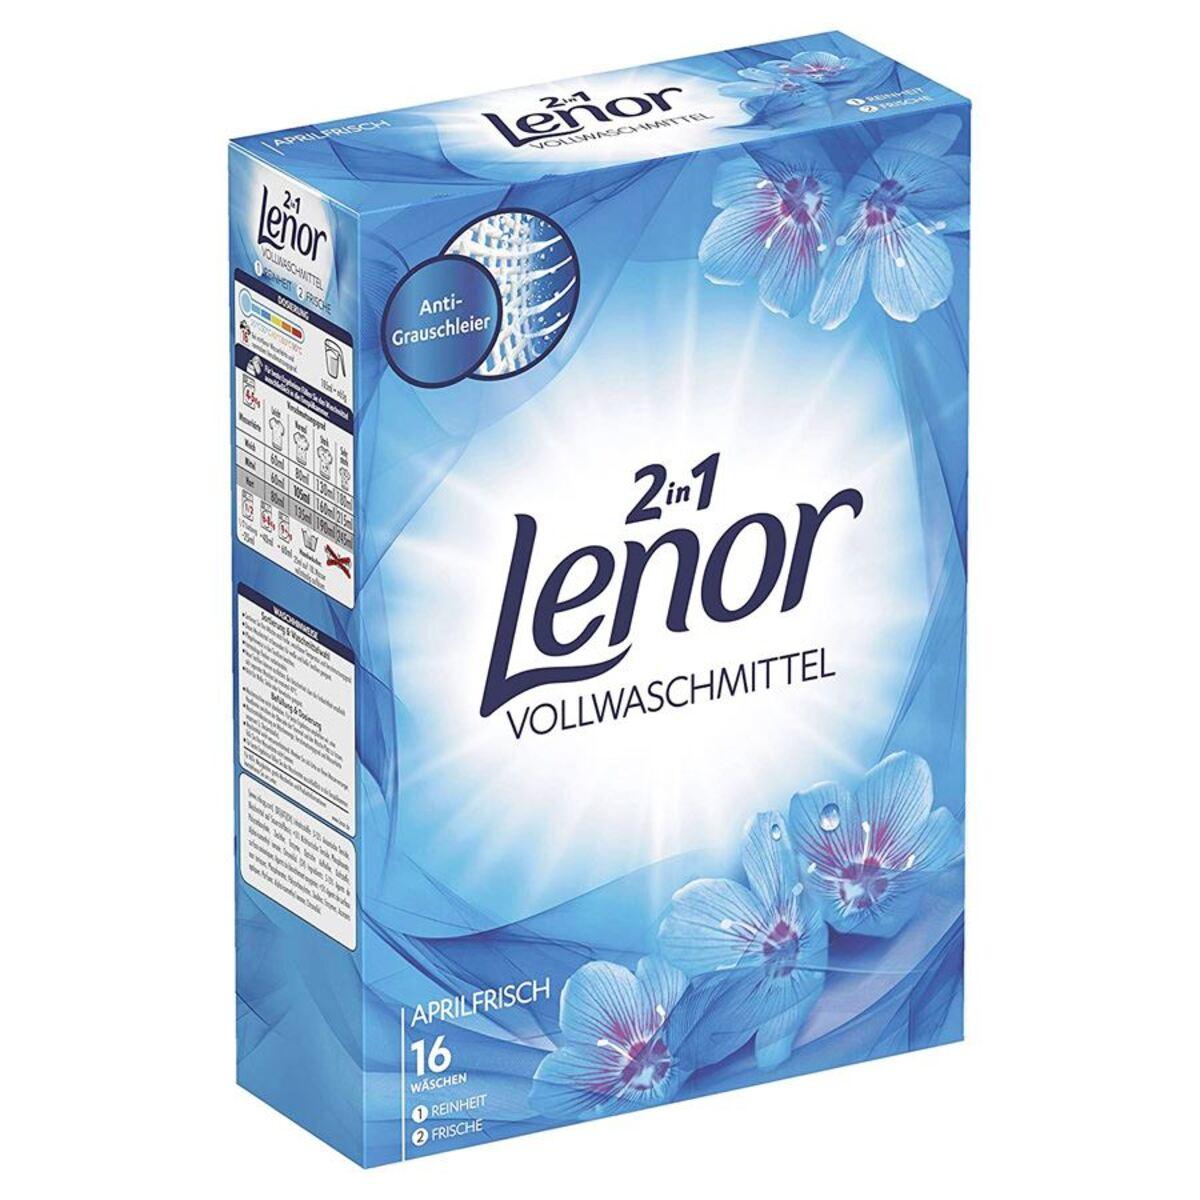 Bild 2 von Lenor 2in1 Vollwaschmittel Aprilfrisch 1,04kg